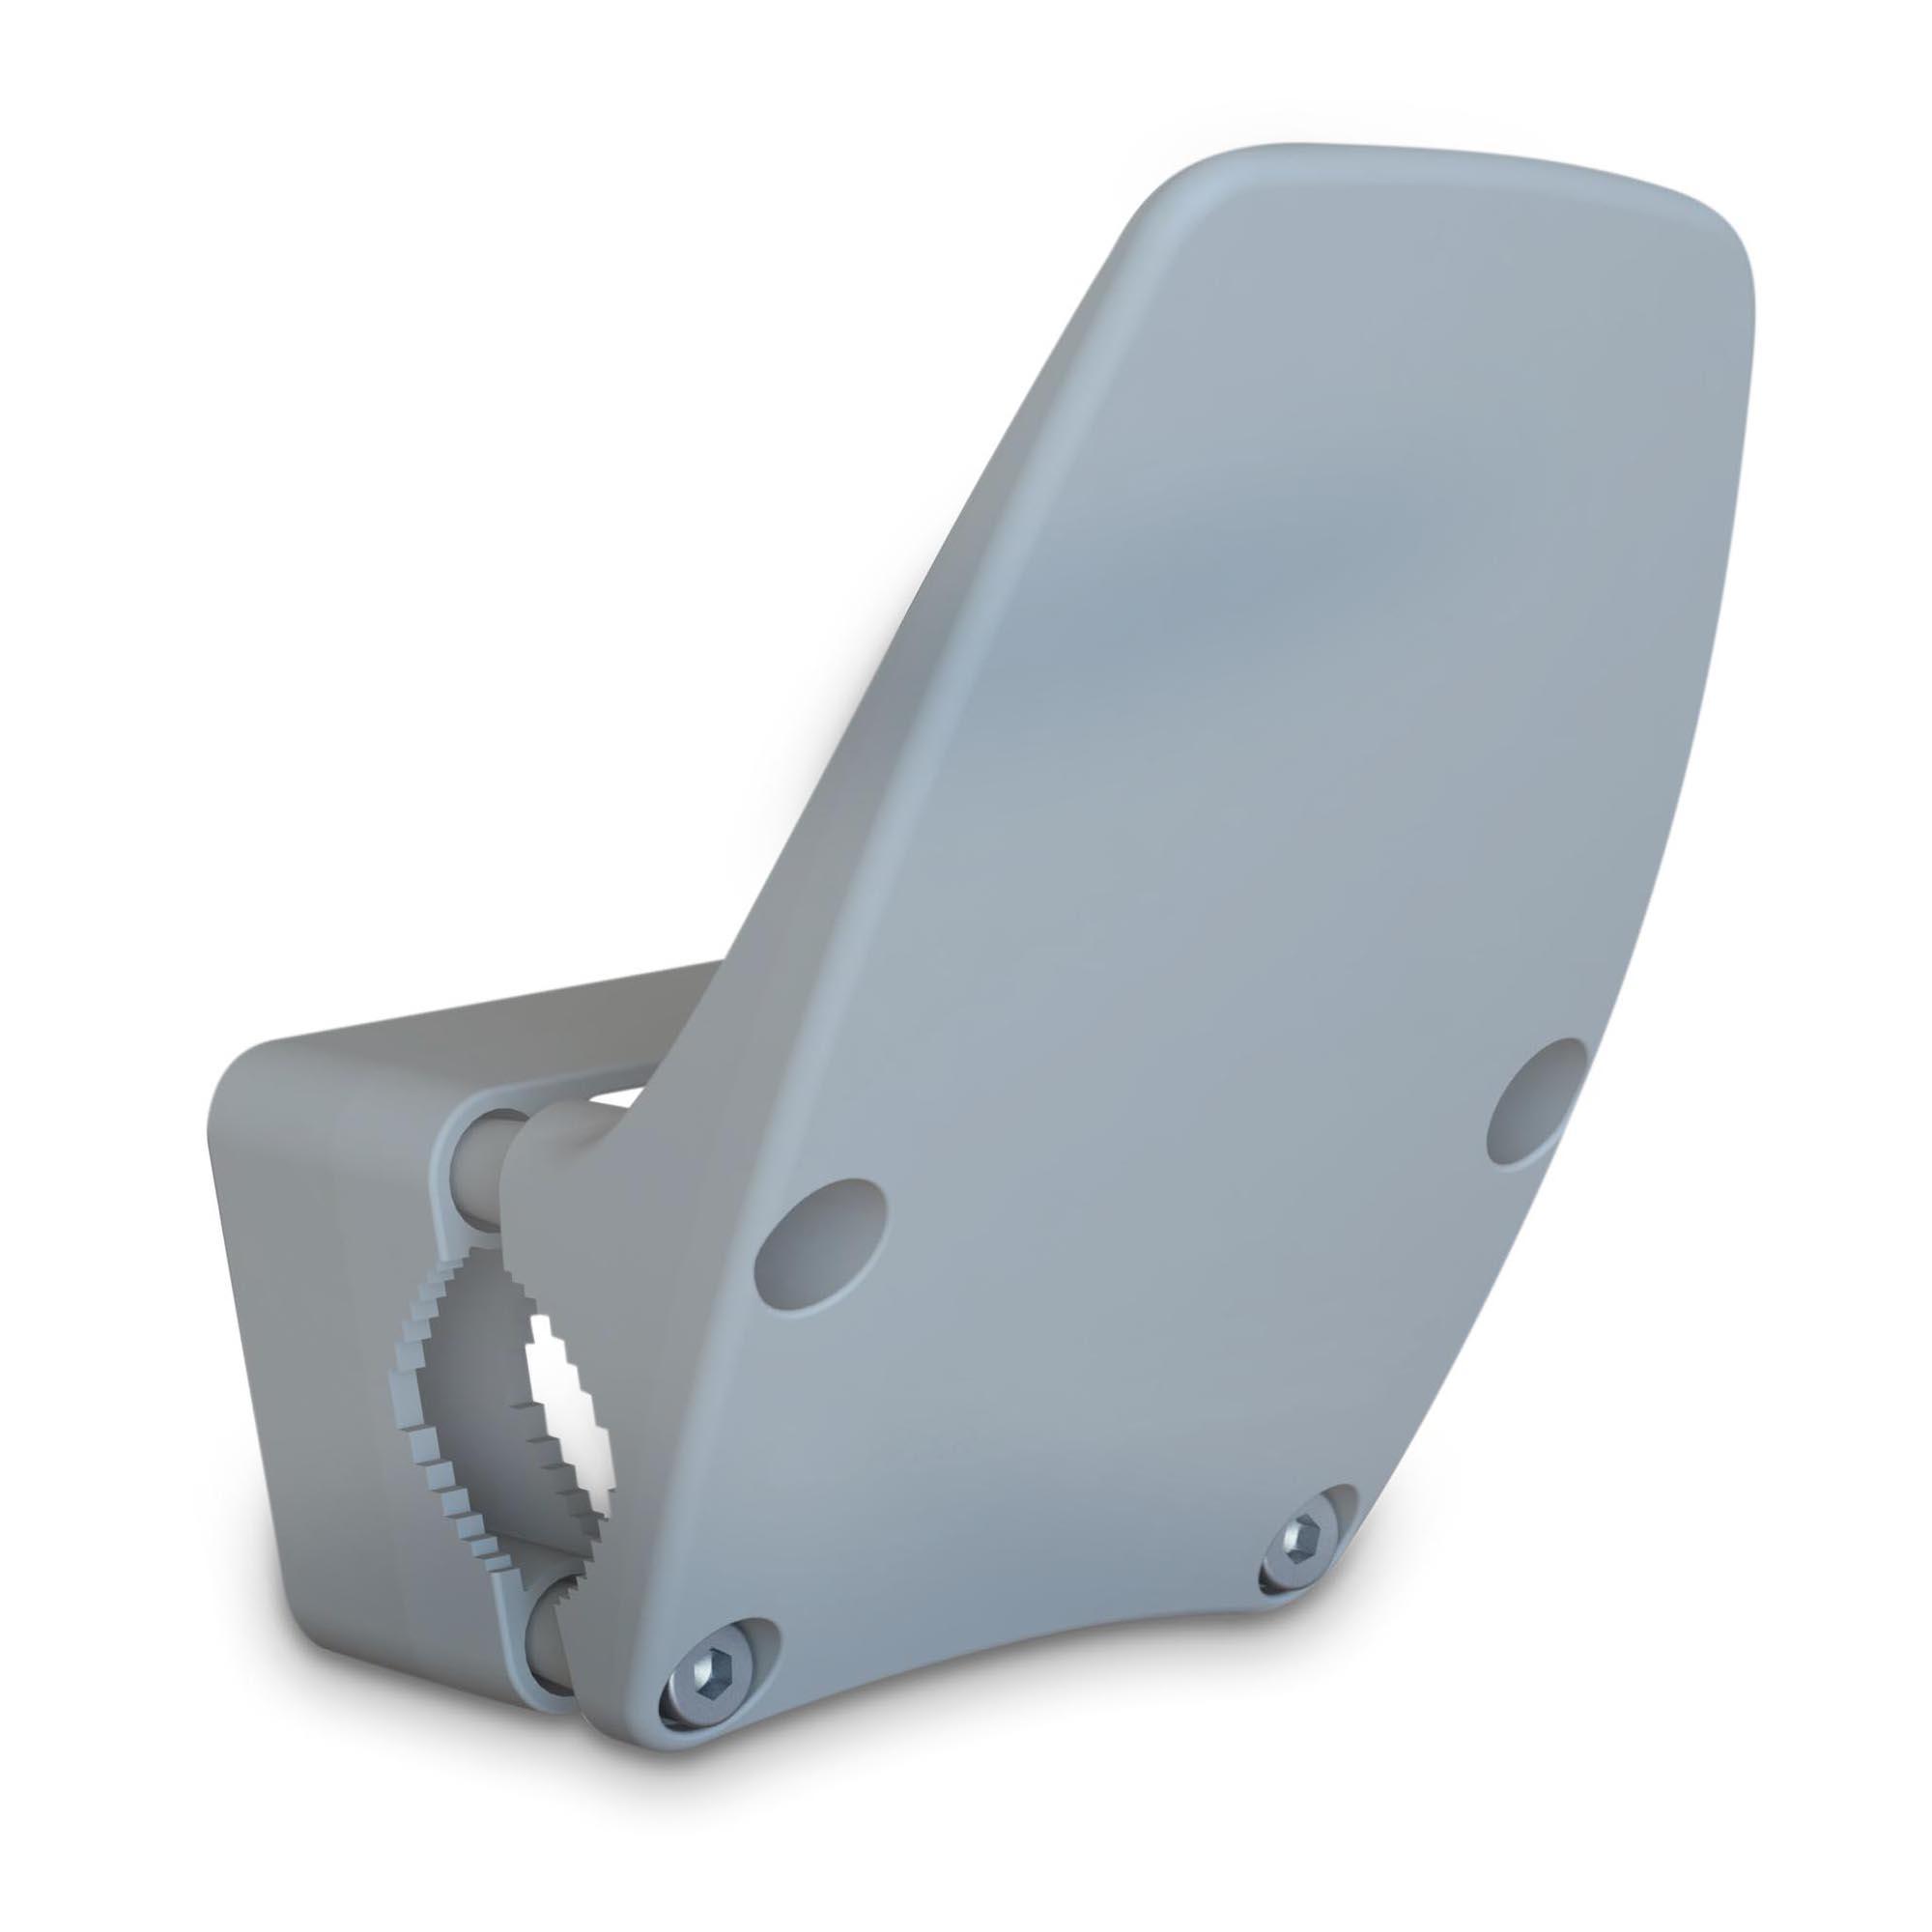 Bouton dascenseur /à Main /Évitez Le b/âton Tactile QDYL Poign/ée de Porte hygi/énique Cuivre ouvre-Porte Anti-Contact pour Garder Vos Mains Propres